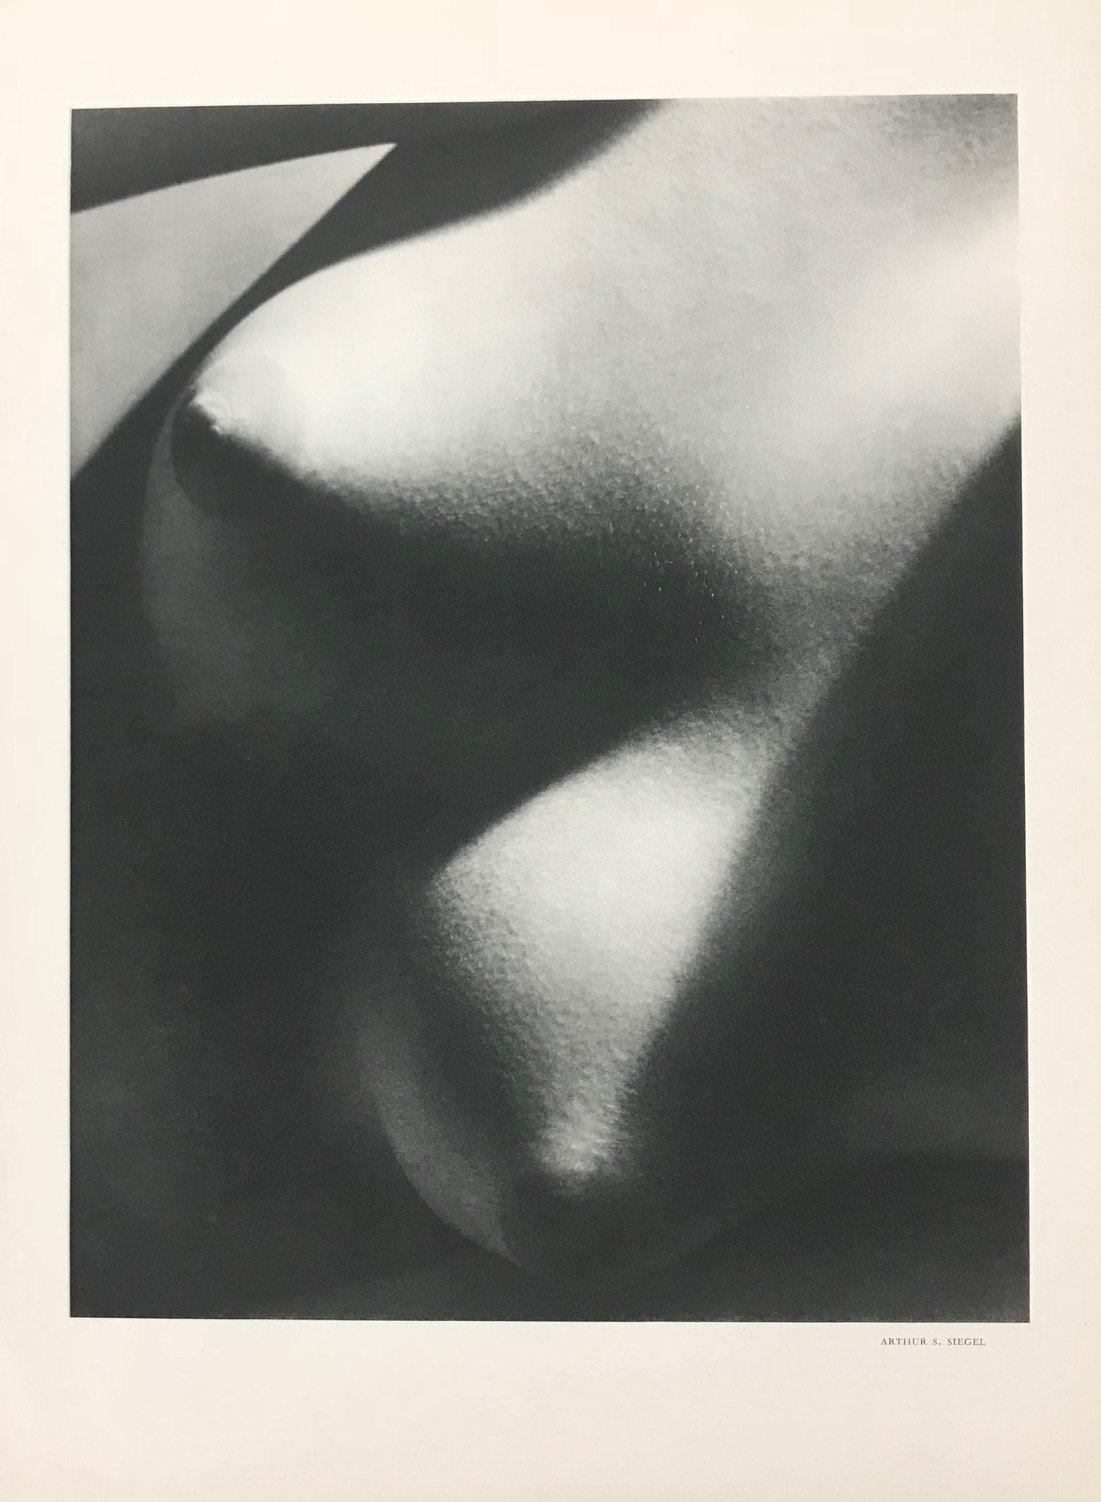 Arthur Siegel, Photogravure Nude 1, Verve Revue 1939